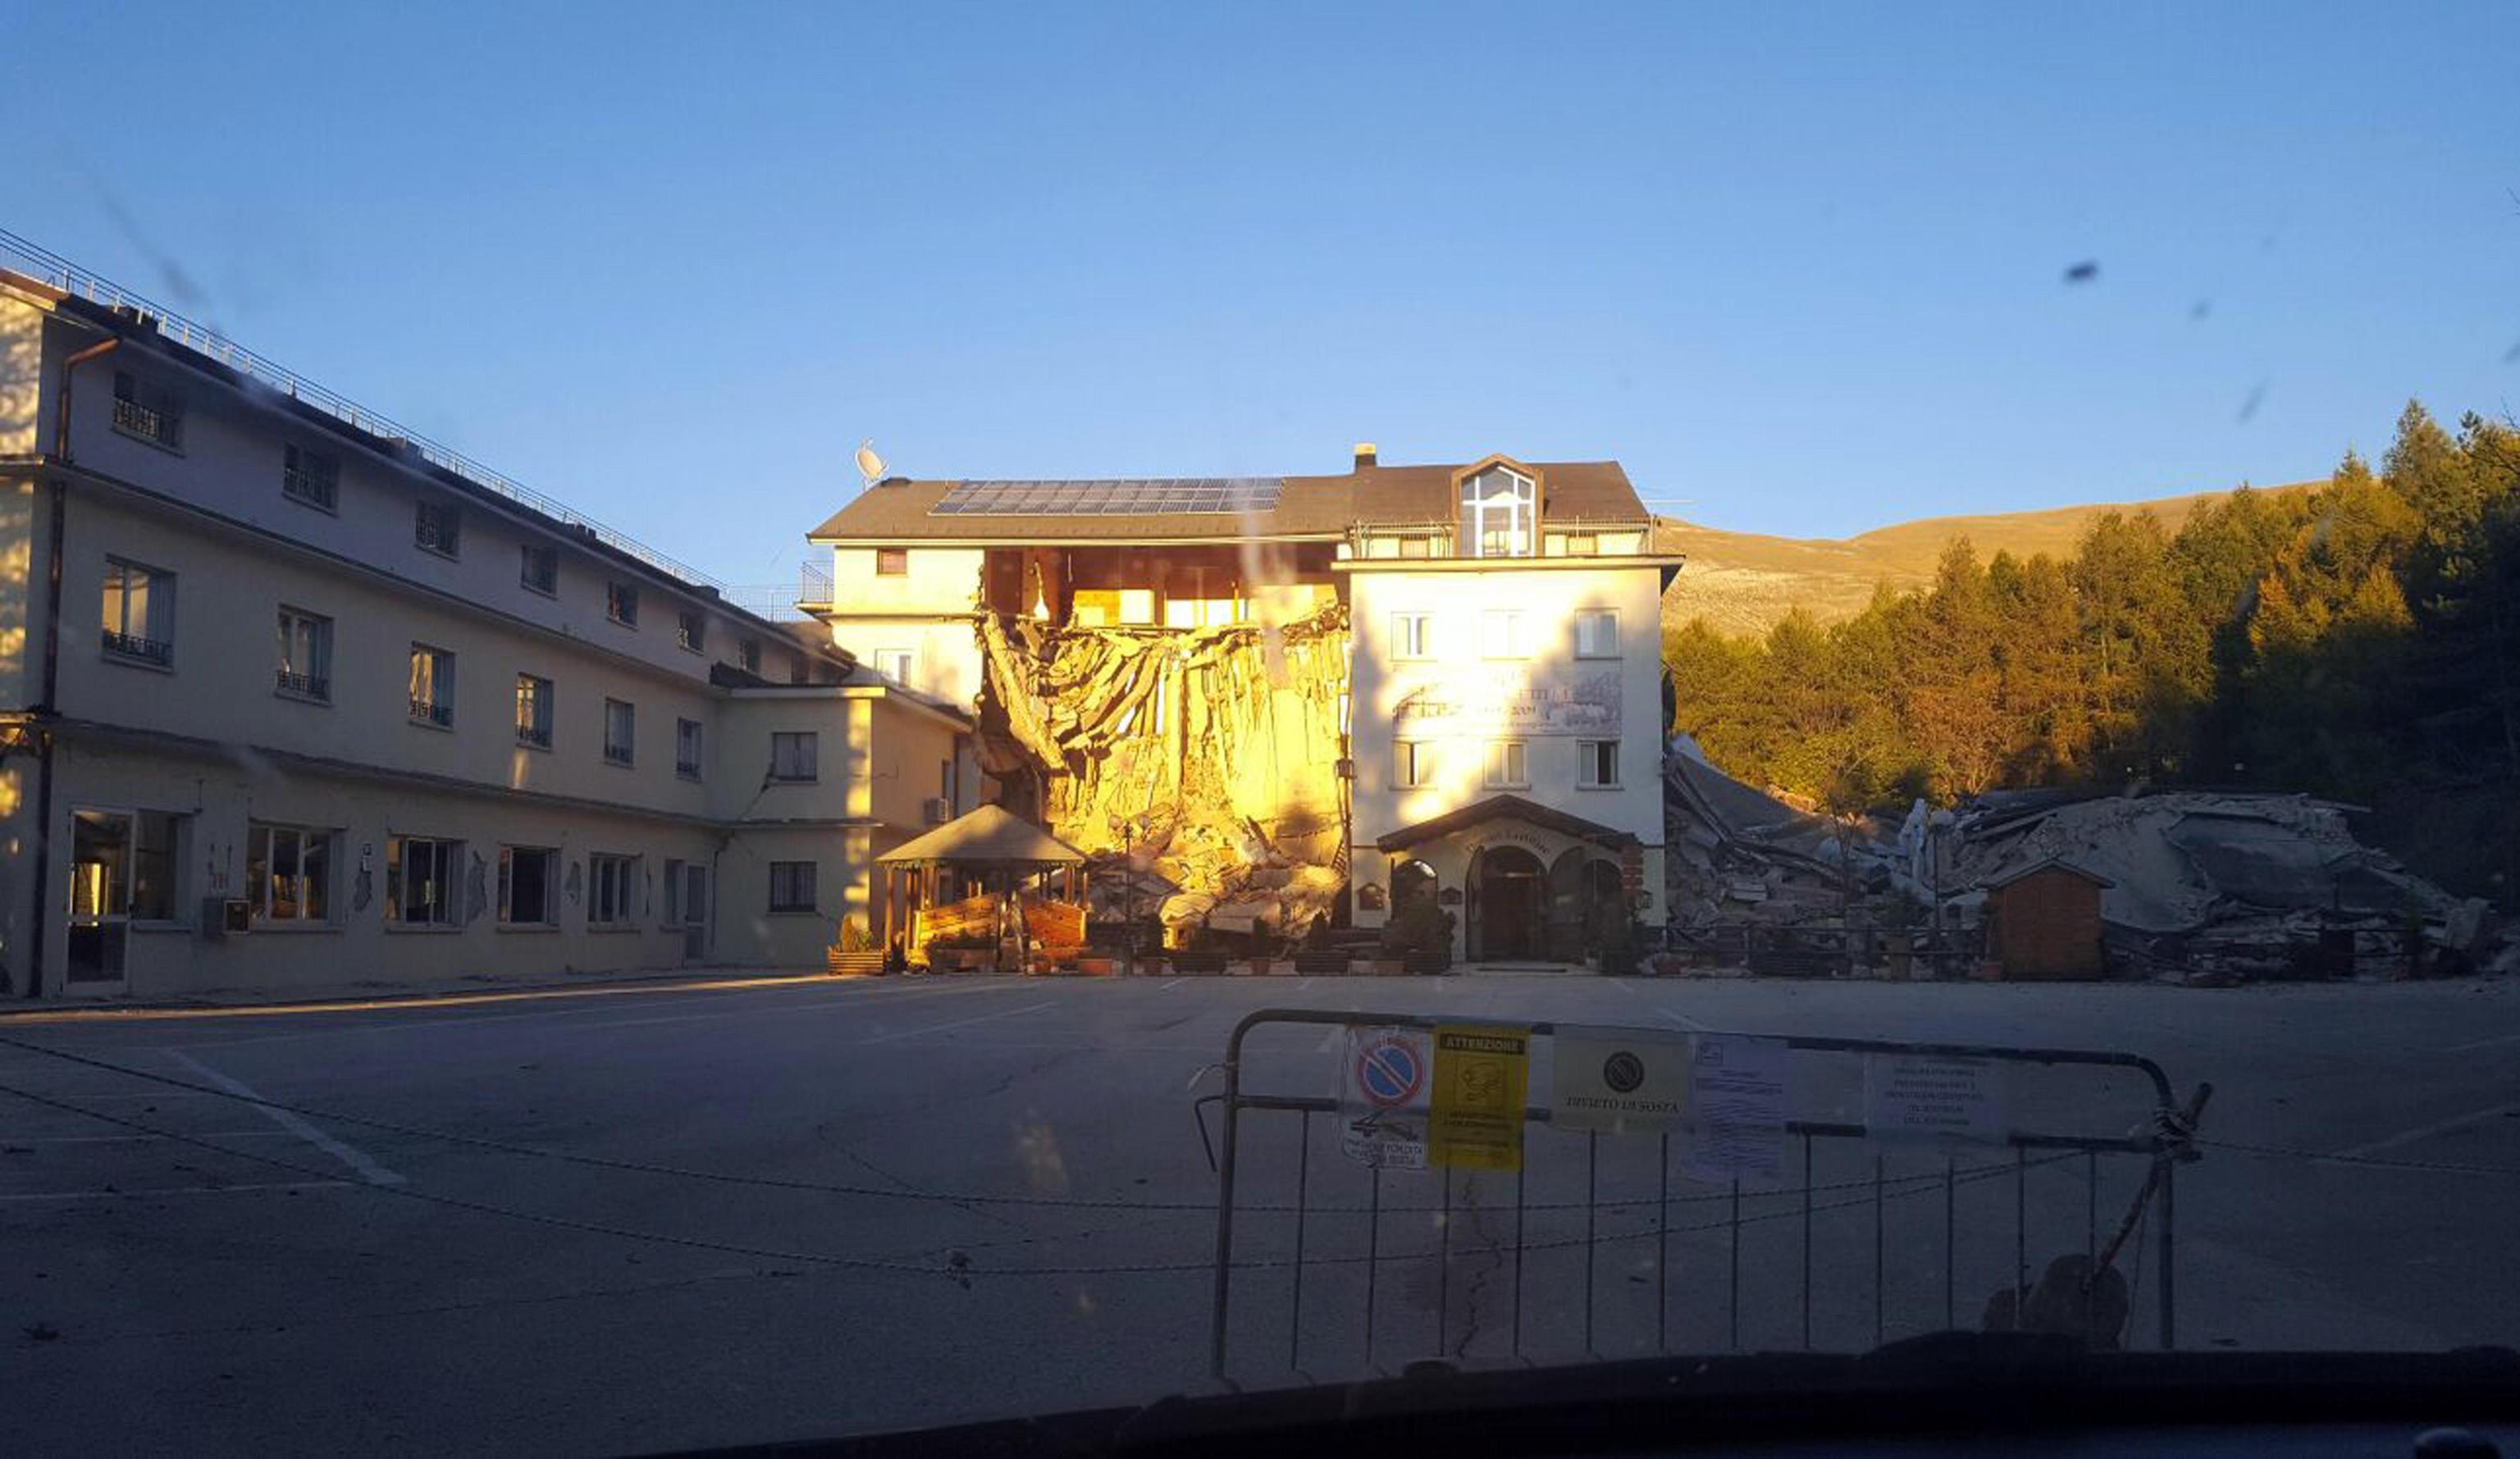 Terremoto Macerata: sfollato torna nella sua casa resa inagibile e si impicca